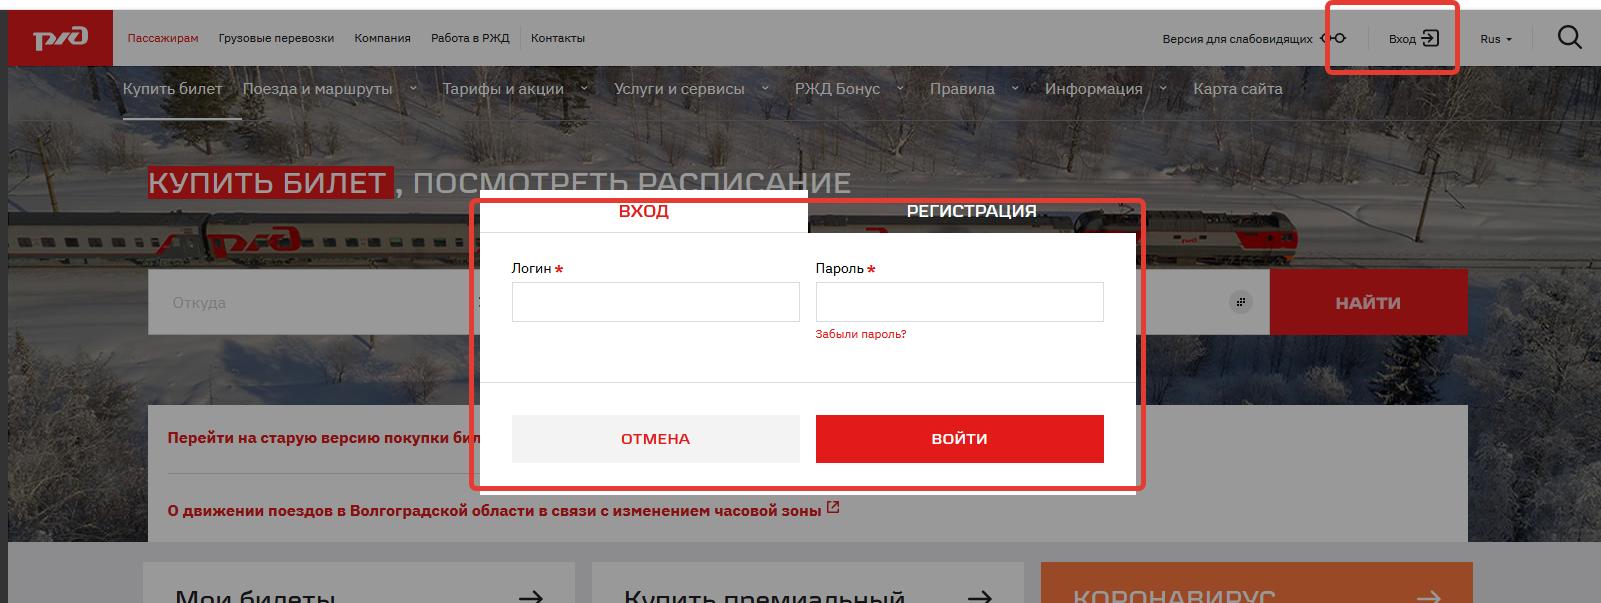 Вход в личный кабинет РЖД новая версия